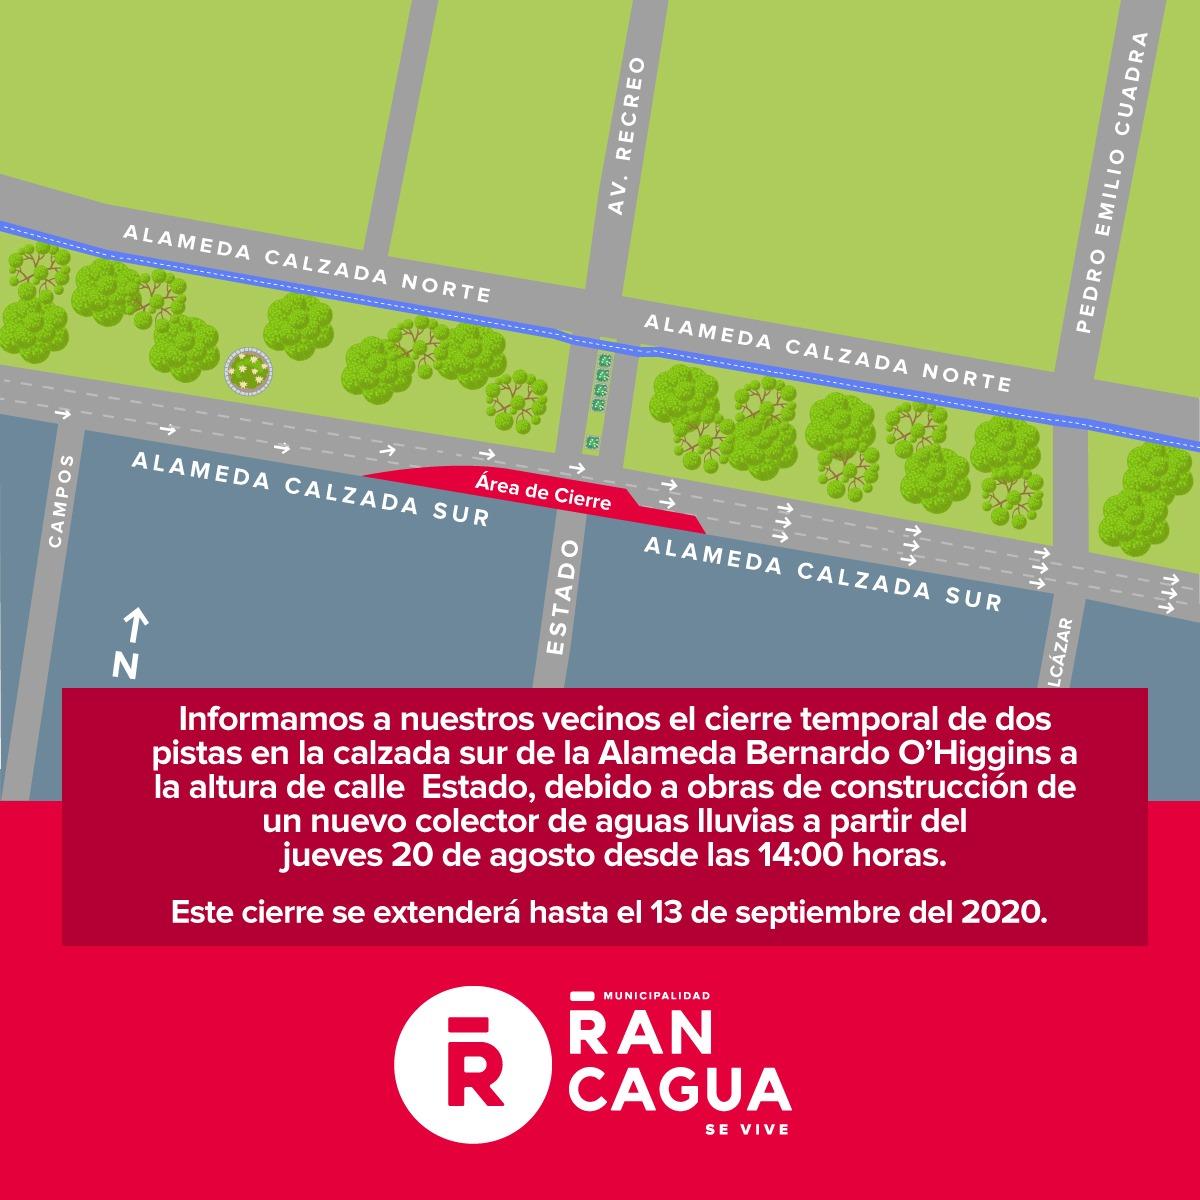 Dos pistas del lado sur de la Alameda Bernardo O'Higgins serán intervenidas